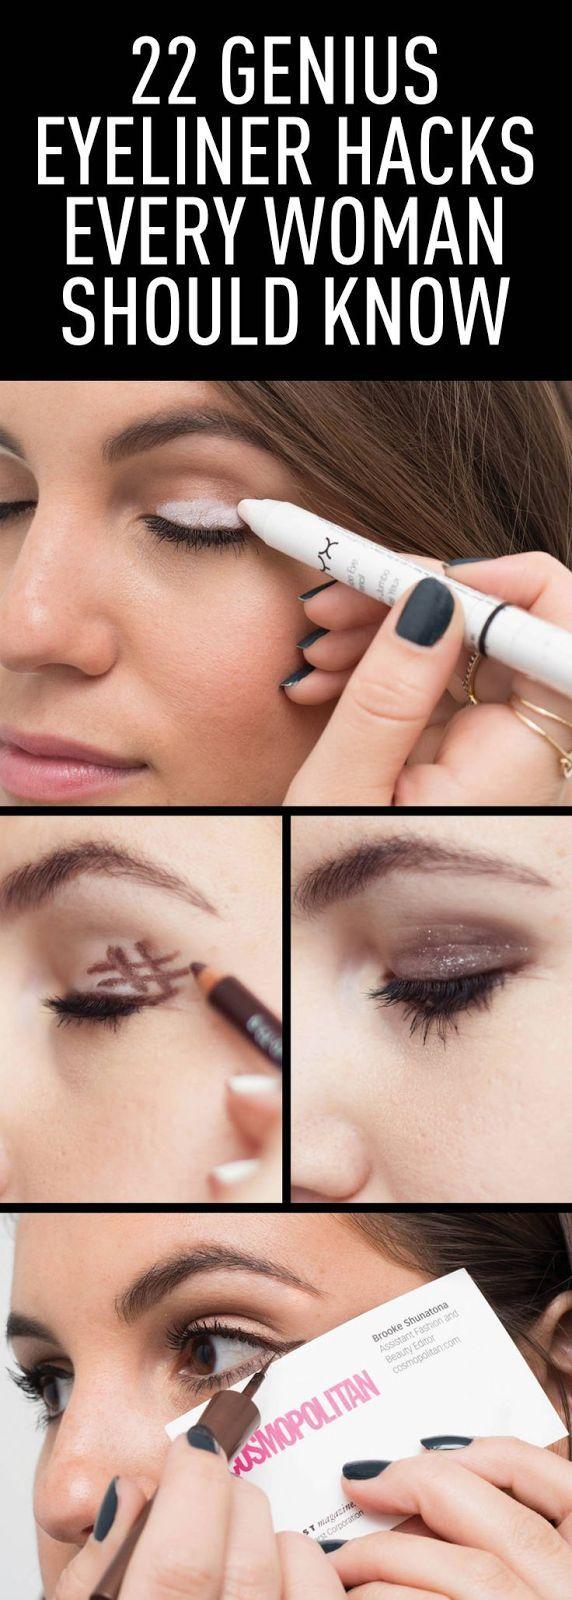 △▽△ 22 Genius Eyeliner Hacks Every Woman Needs to Know